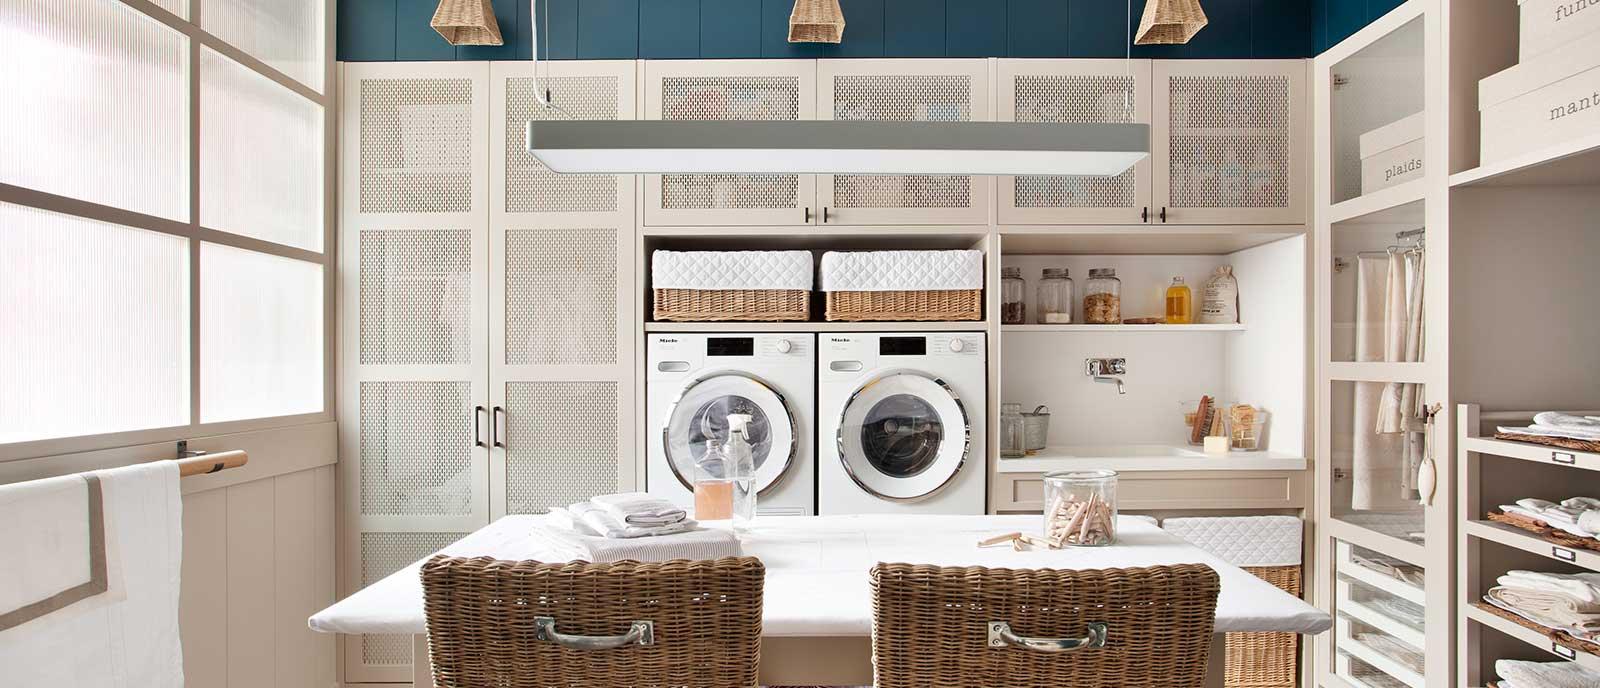 Cuarto de lavado y plancha – «Utility room»  Espacio Deulonder